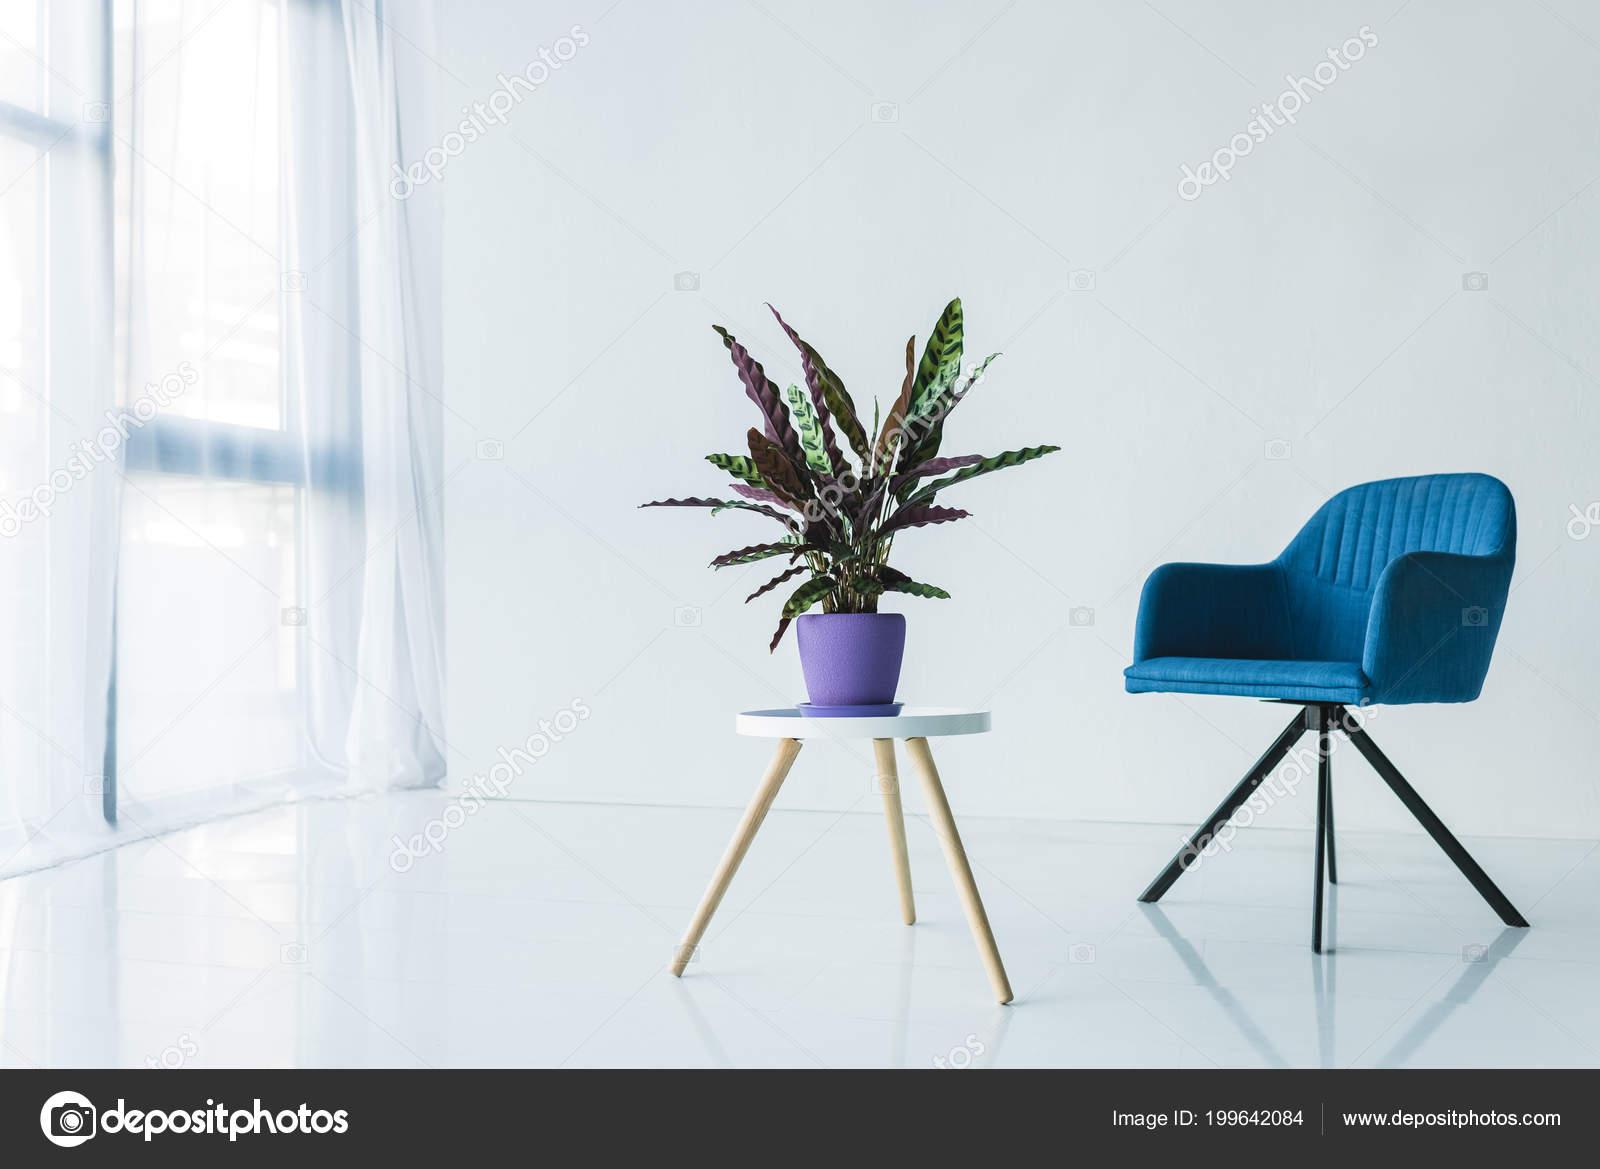 Interieur van woonkamer minimalistisch design met fauteuil